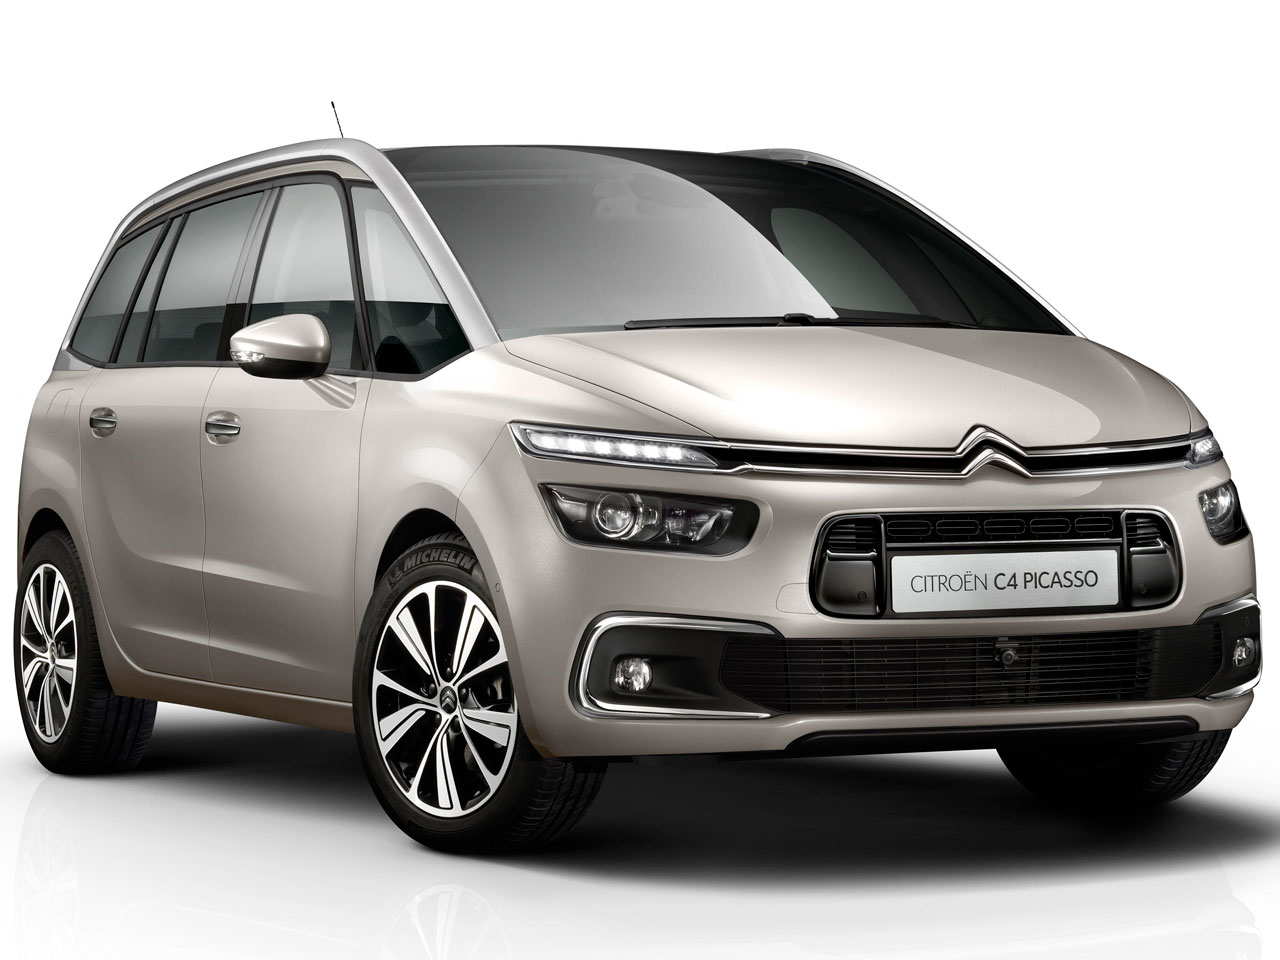 シトロエン C4 ピカソ 2014年モデル 新車画像